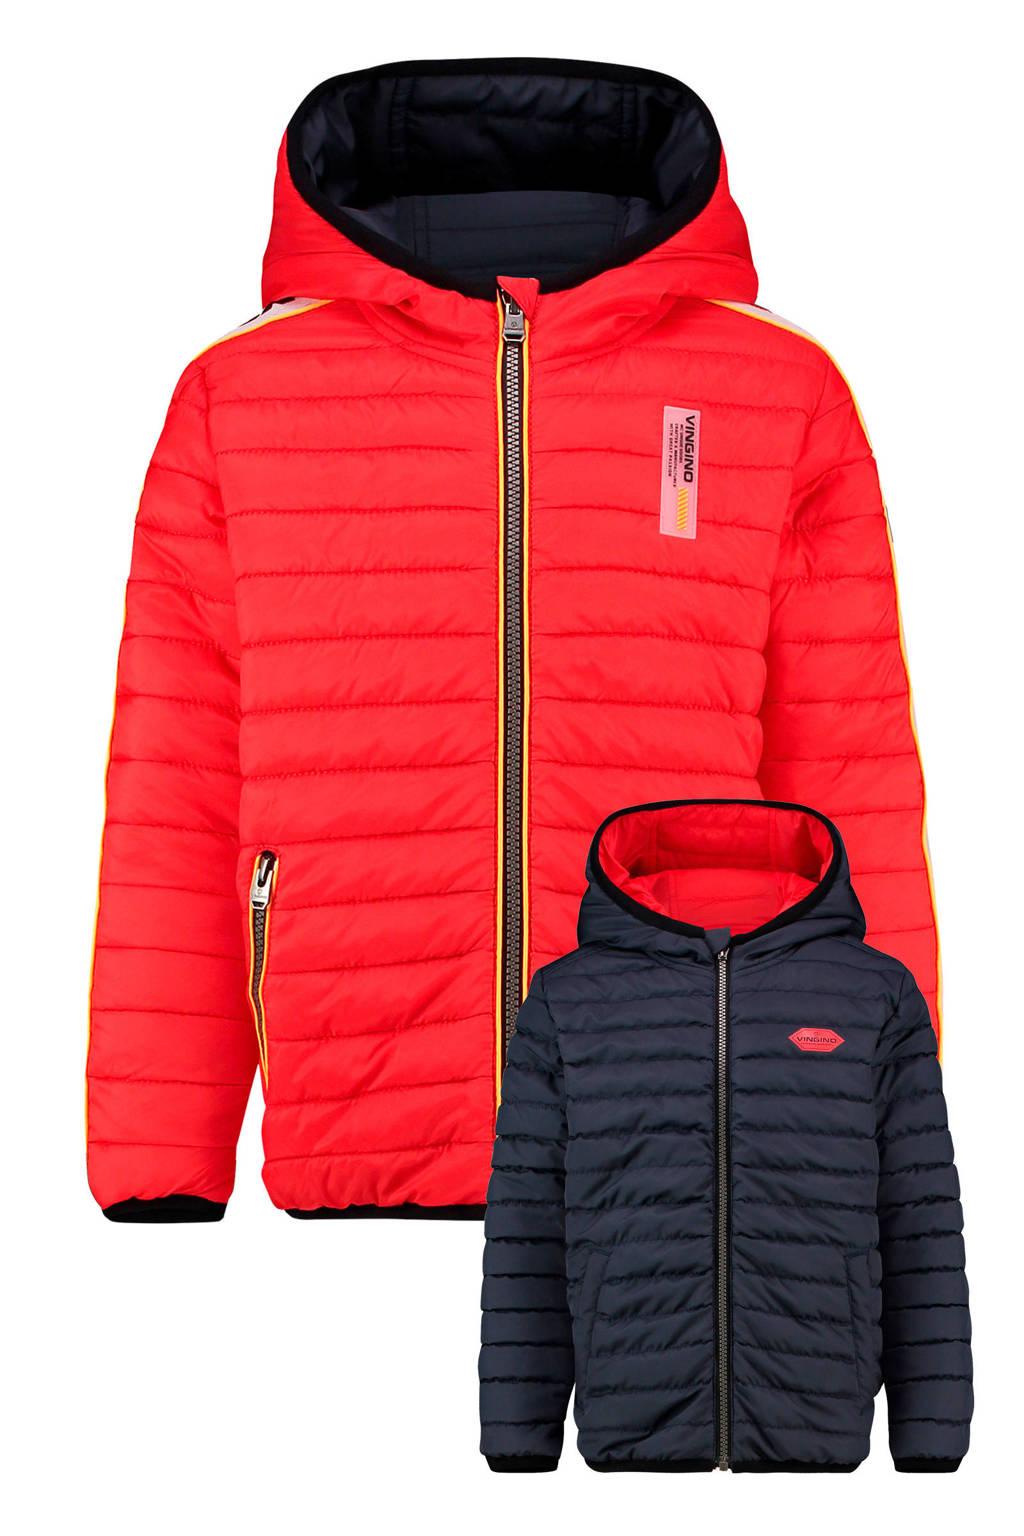 Vingino reversible gewatteerde winterjas Than rood/donkerblauw, Rood/donkerblauw